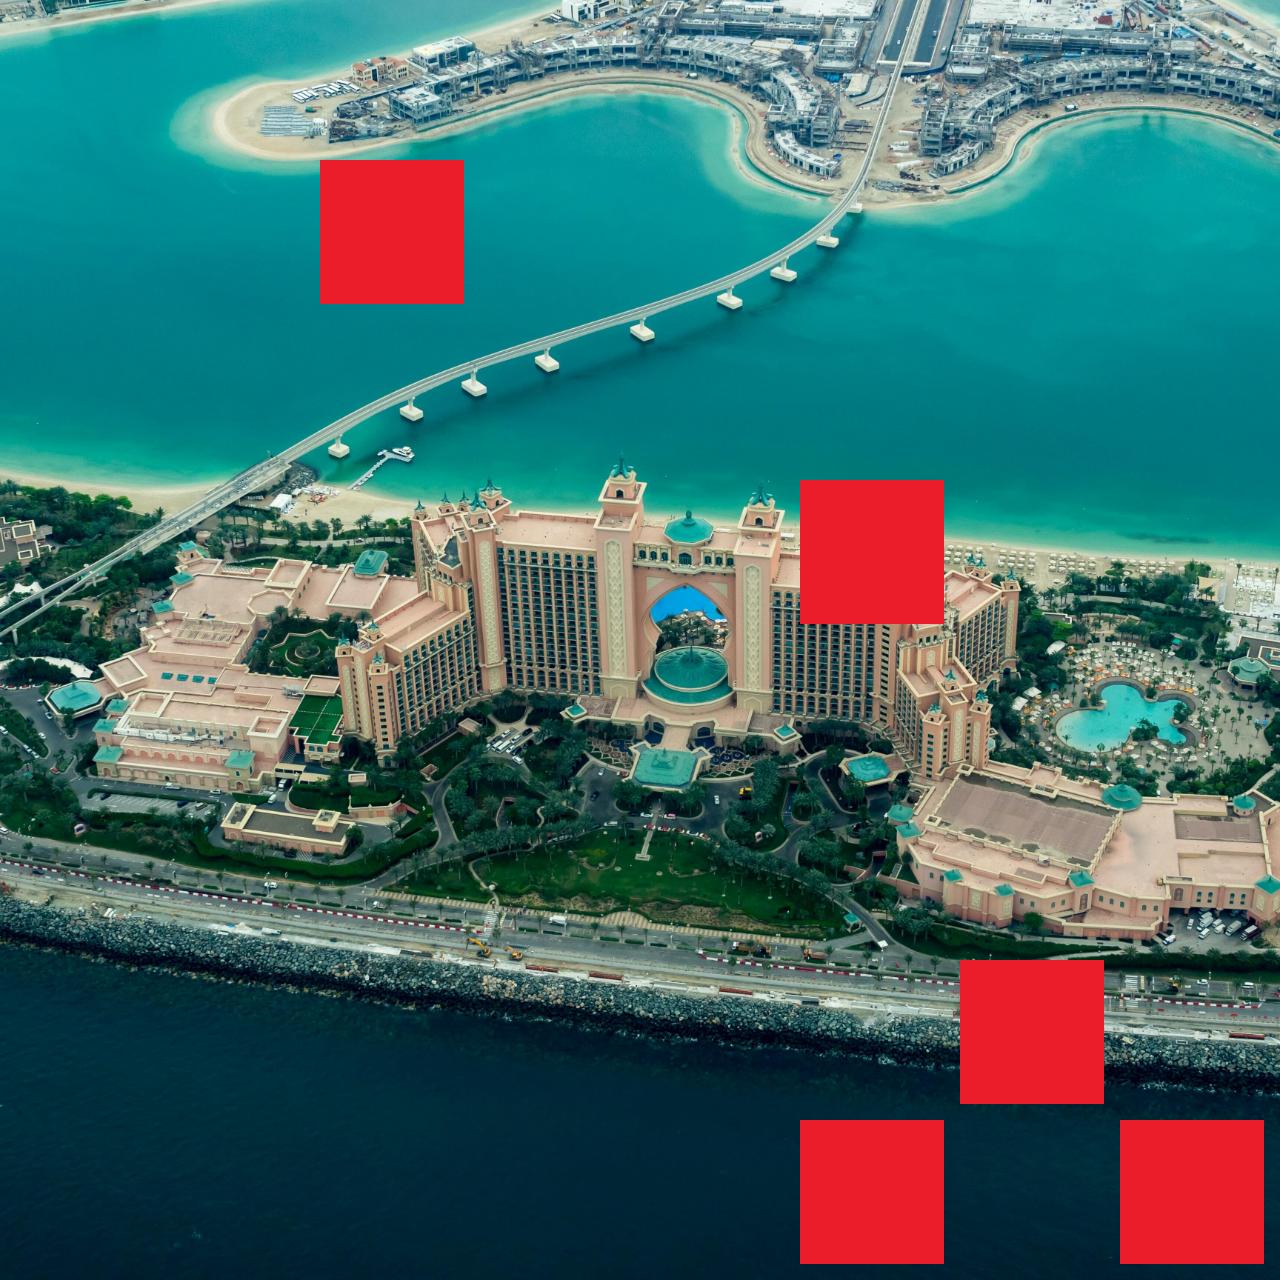 数字化转型,消费者体验数字化,旅游酒店业数字化